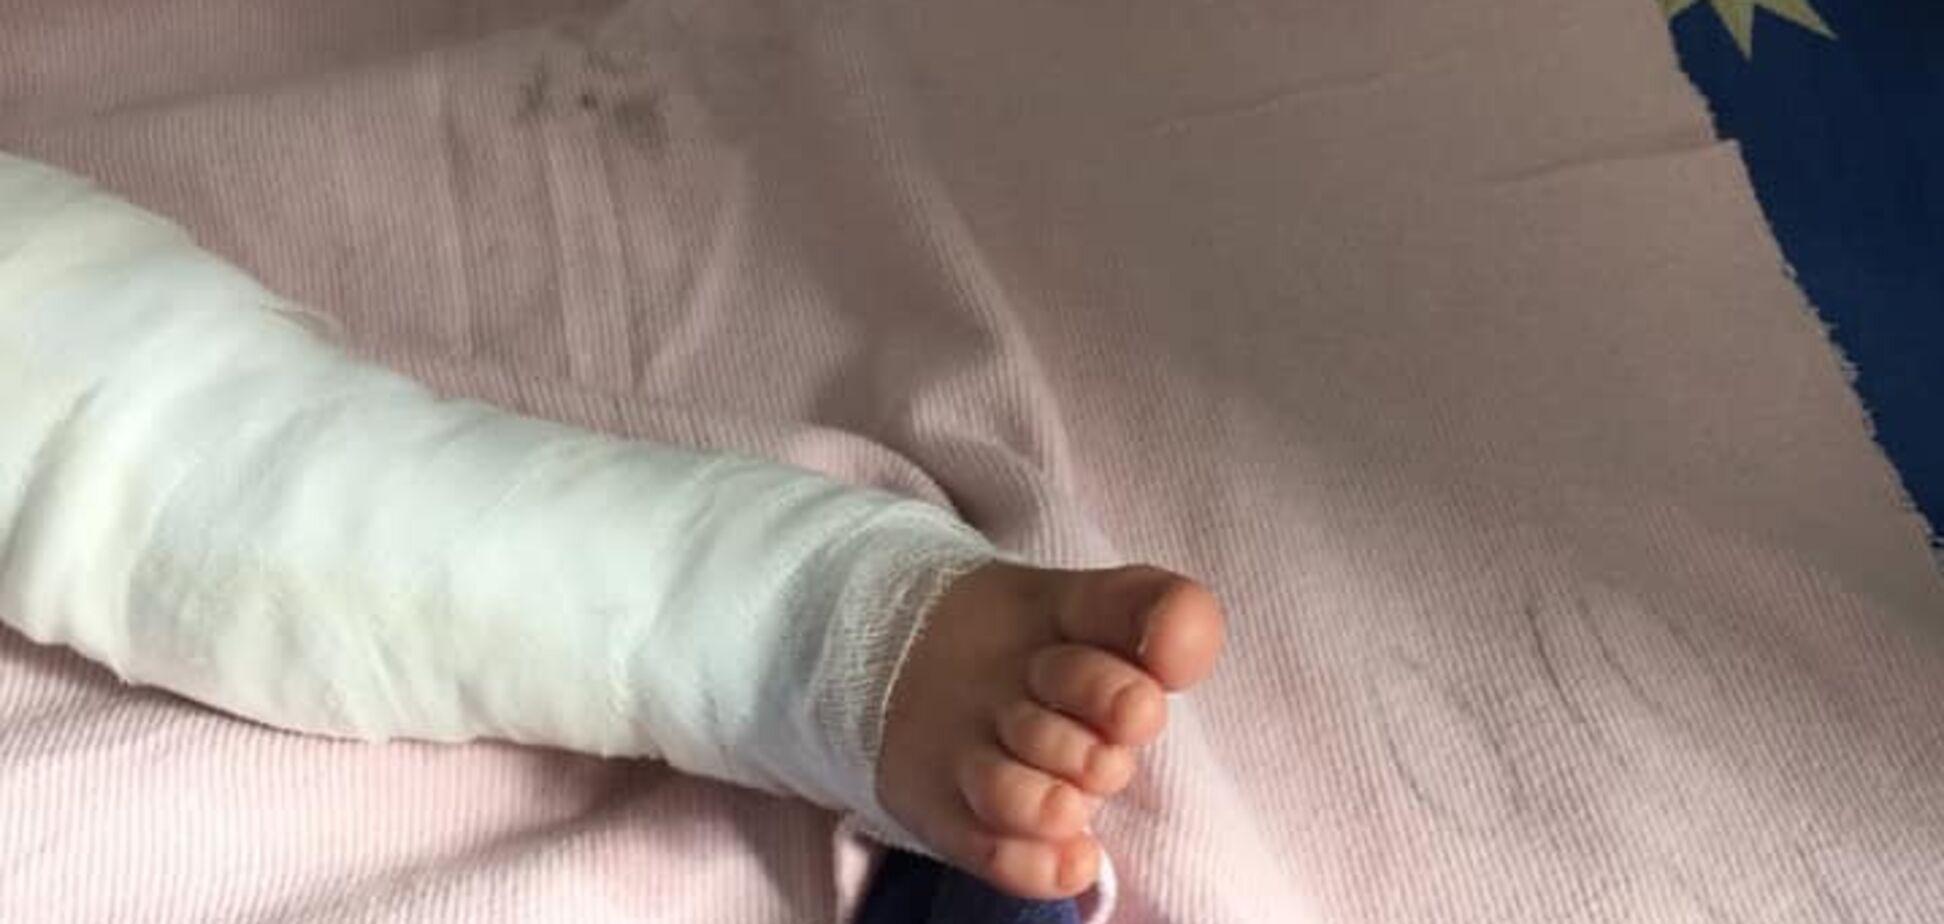 'Сварился' в кипятке? Подробности жуткого ЧП с малышом на Одесщине